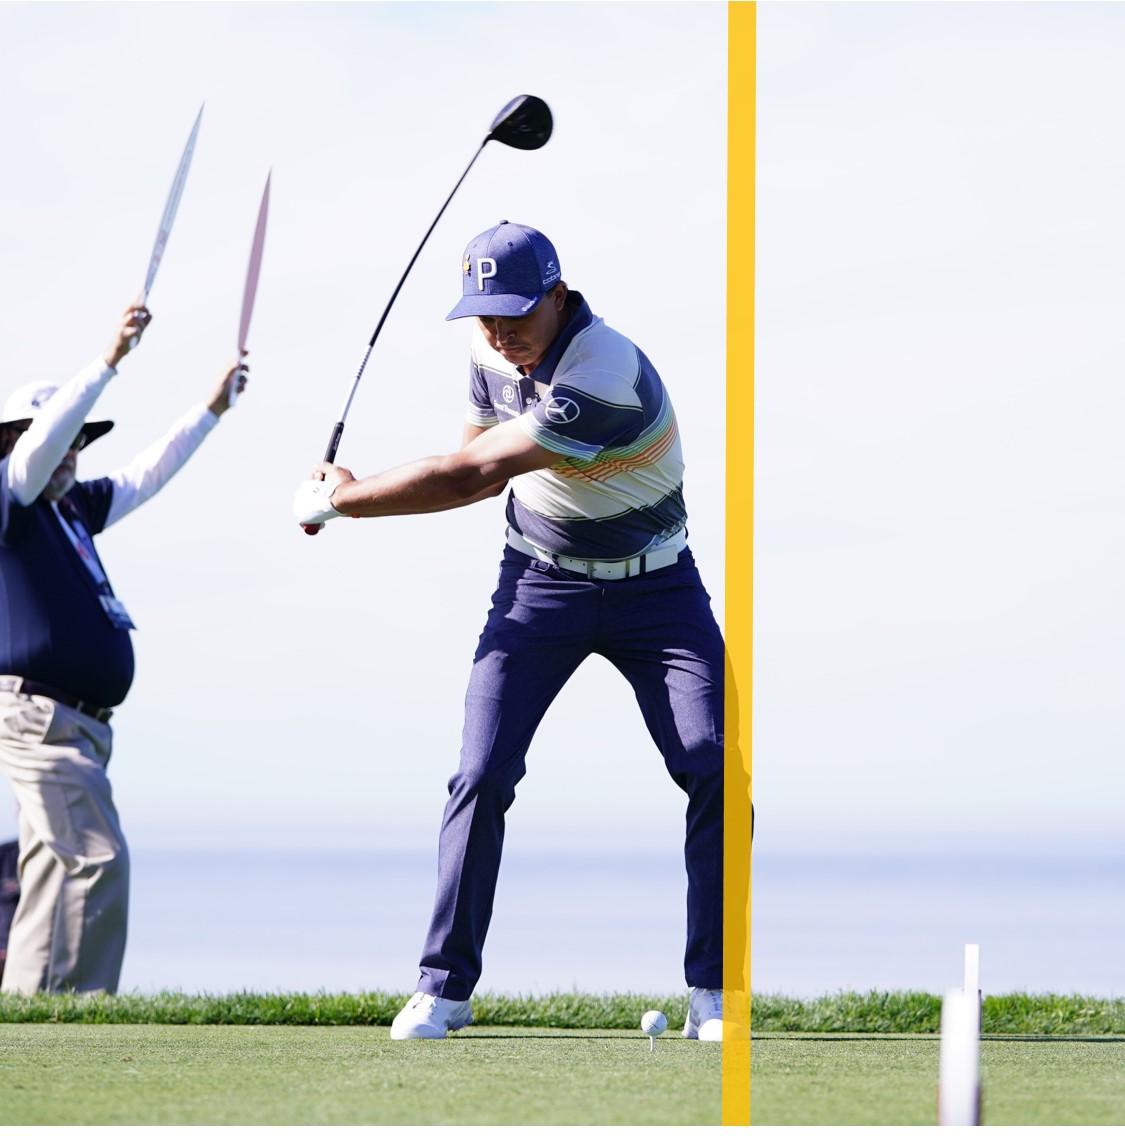 画像: 【連続写真タテ並べ③】線から離れず振れますか? トッププロはこの線から外れない! - ゴルフへ行こうWEB by ゴルフダイジェスト